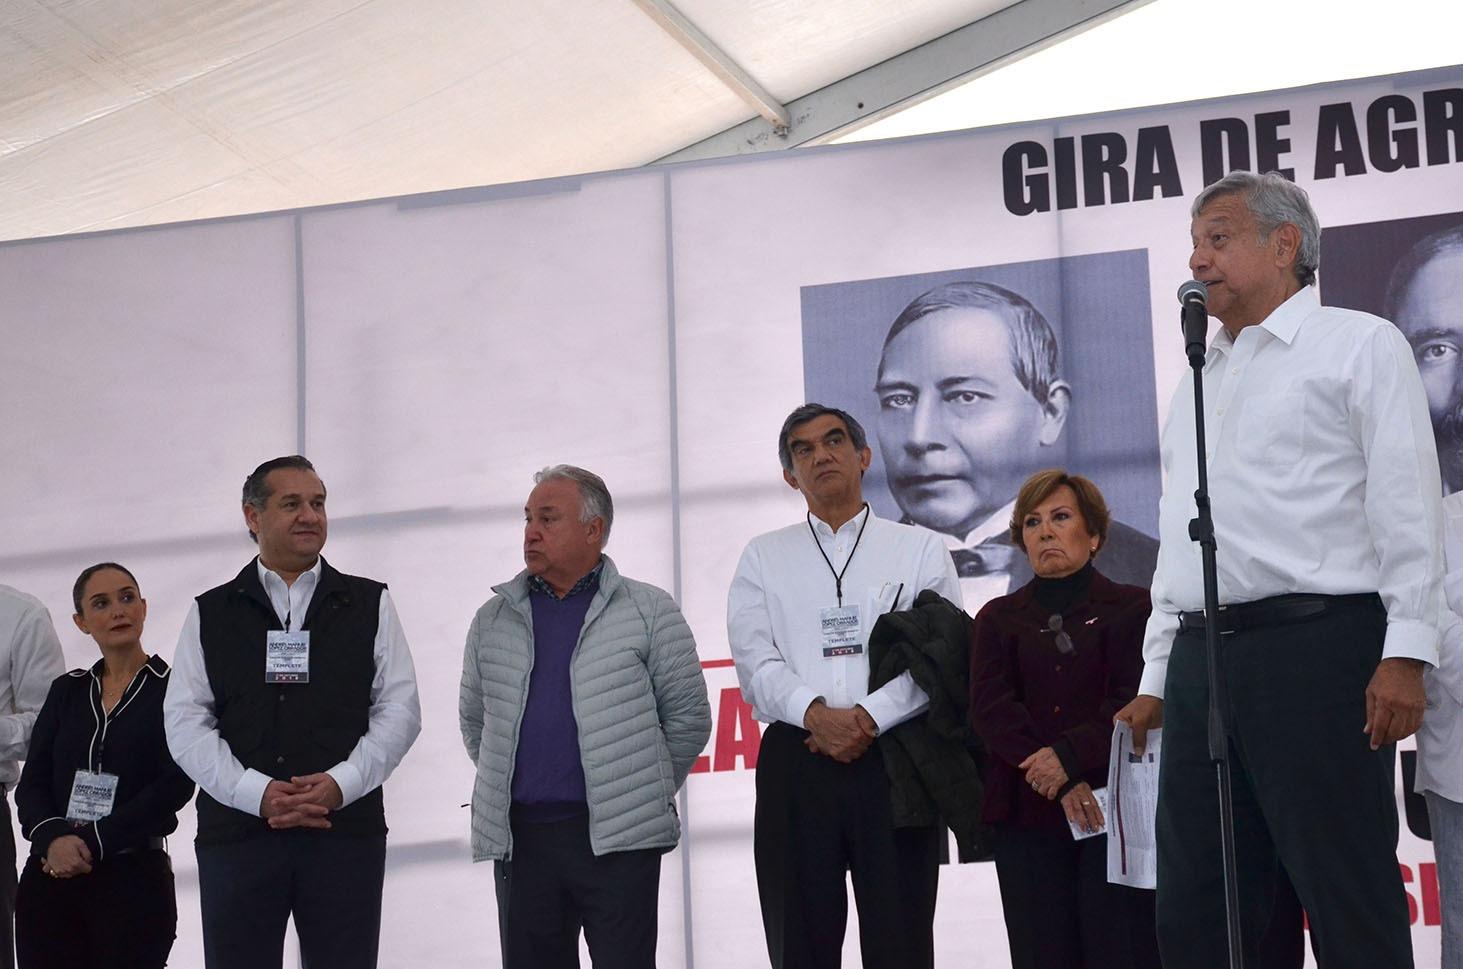 AMLO, gran aliado de MADERO: Oseguera